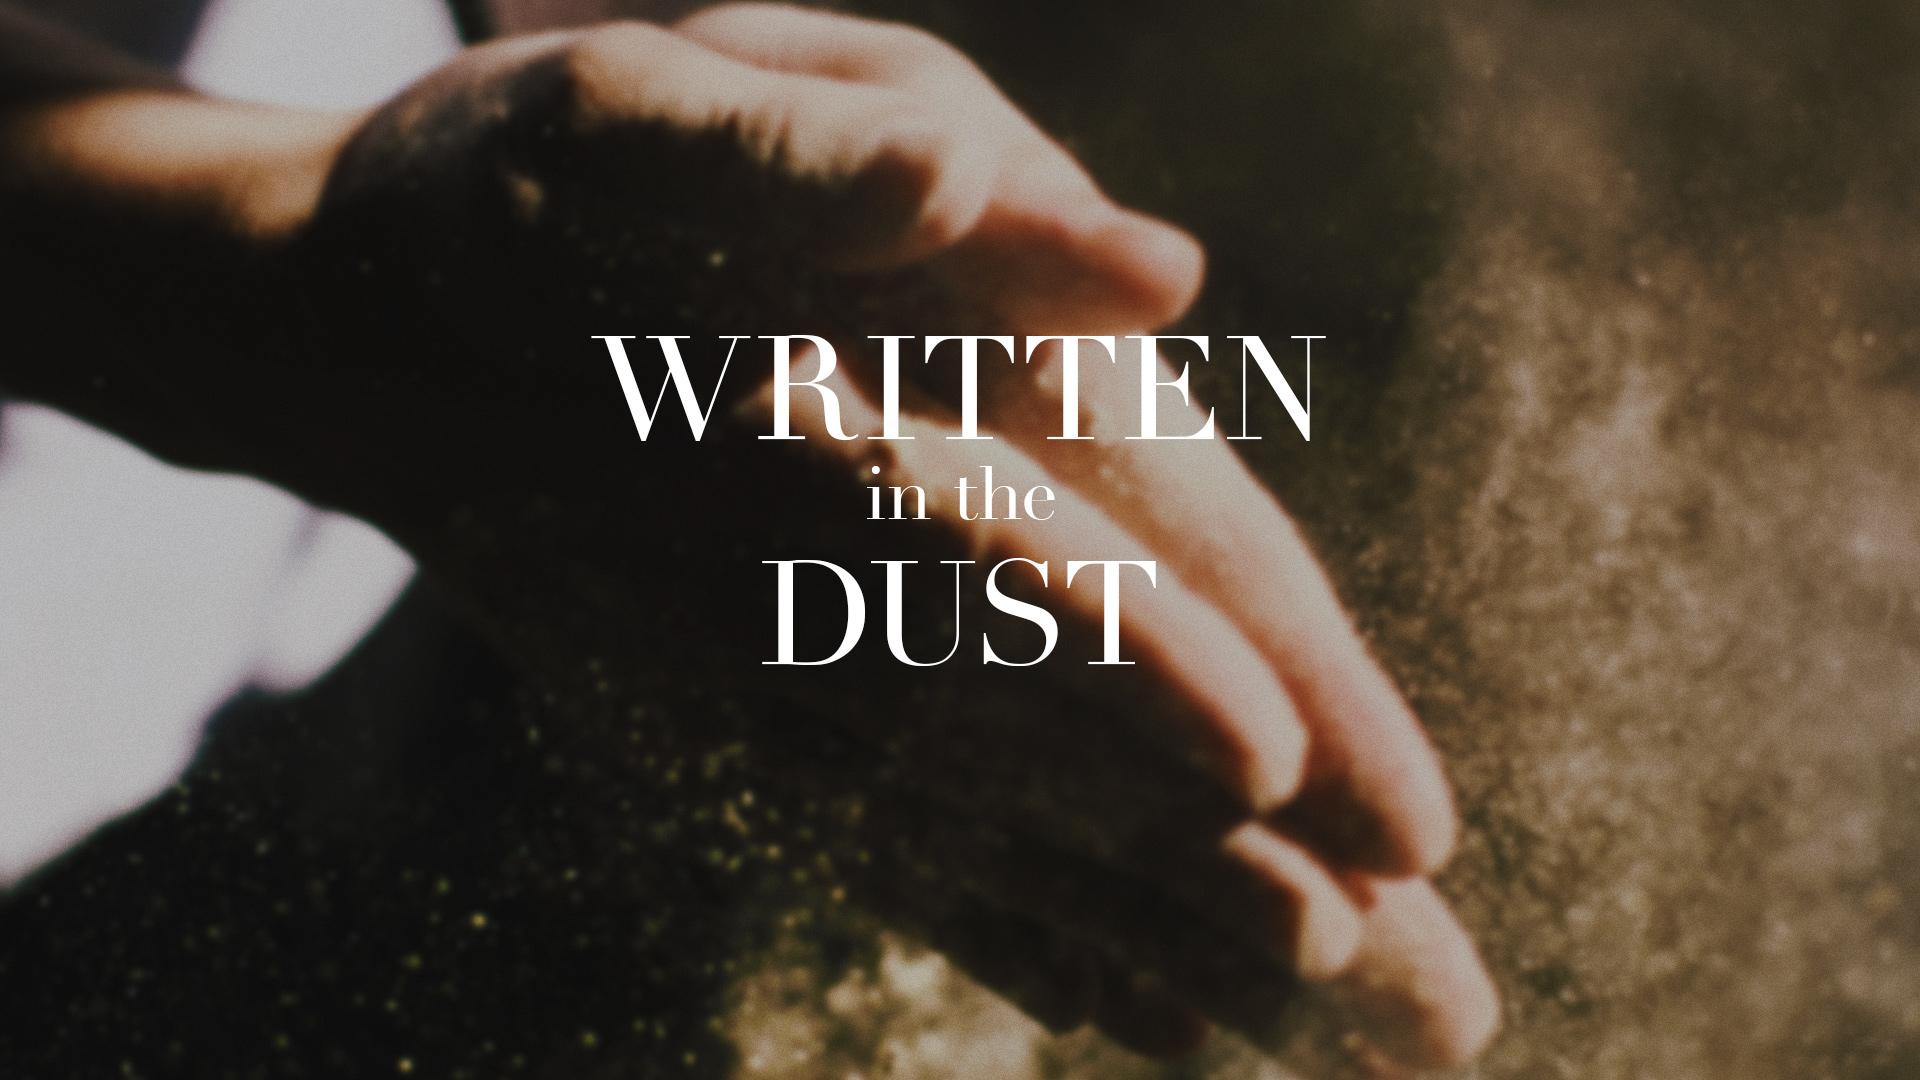 Written in the Dust (2018)